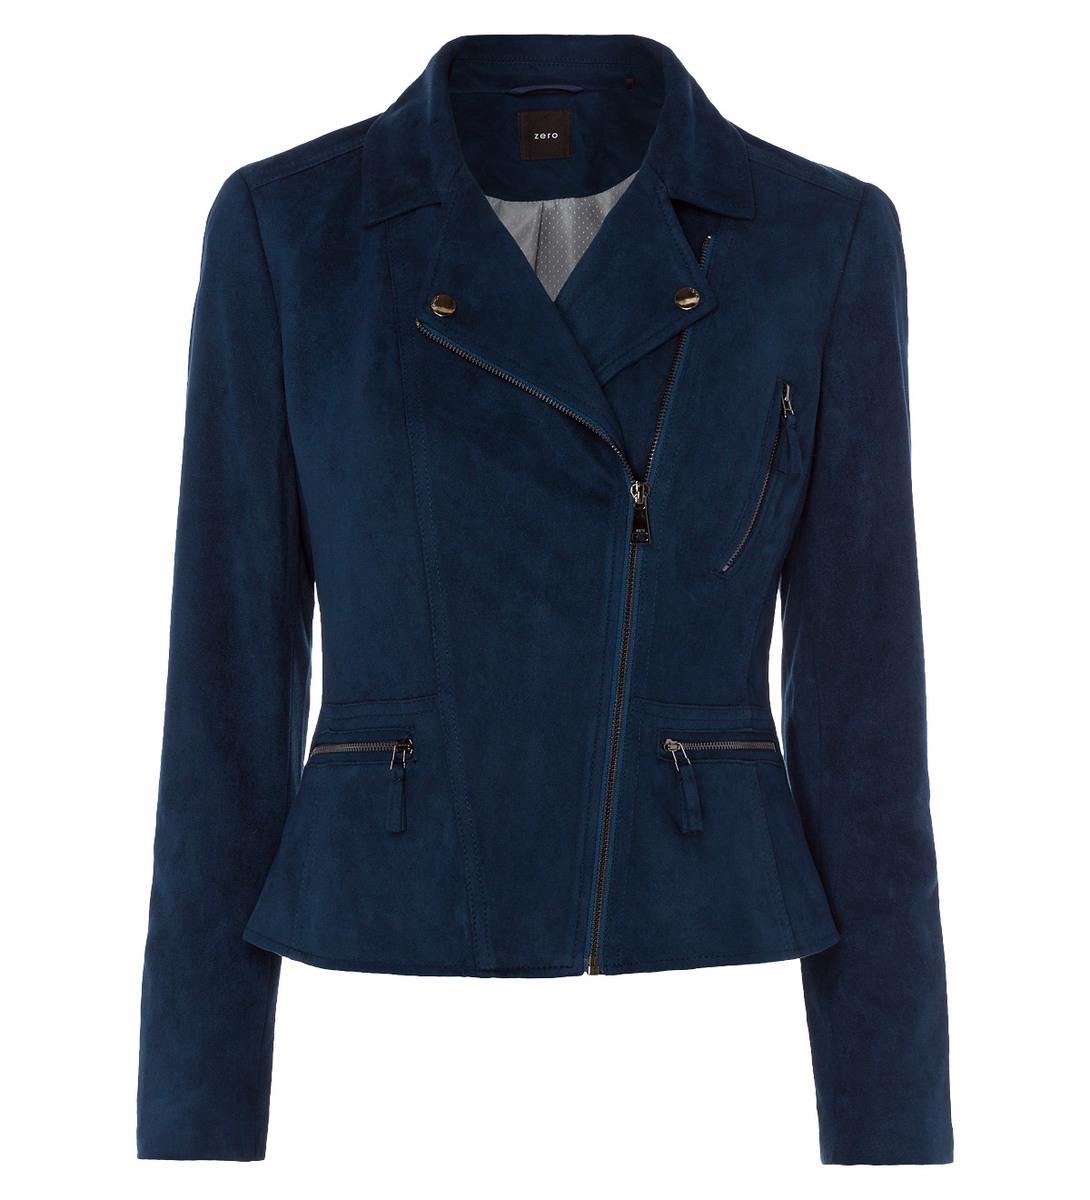 Jacke in modernen Biker- Design in petrol blue